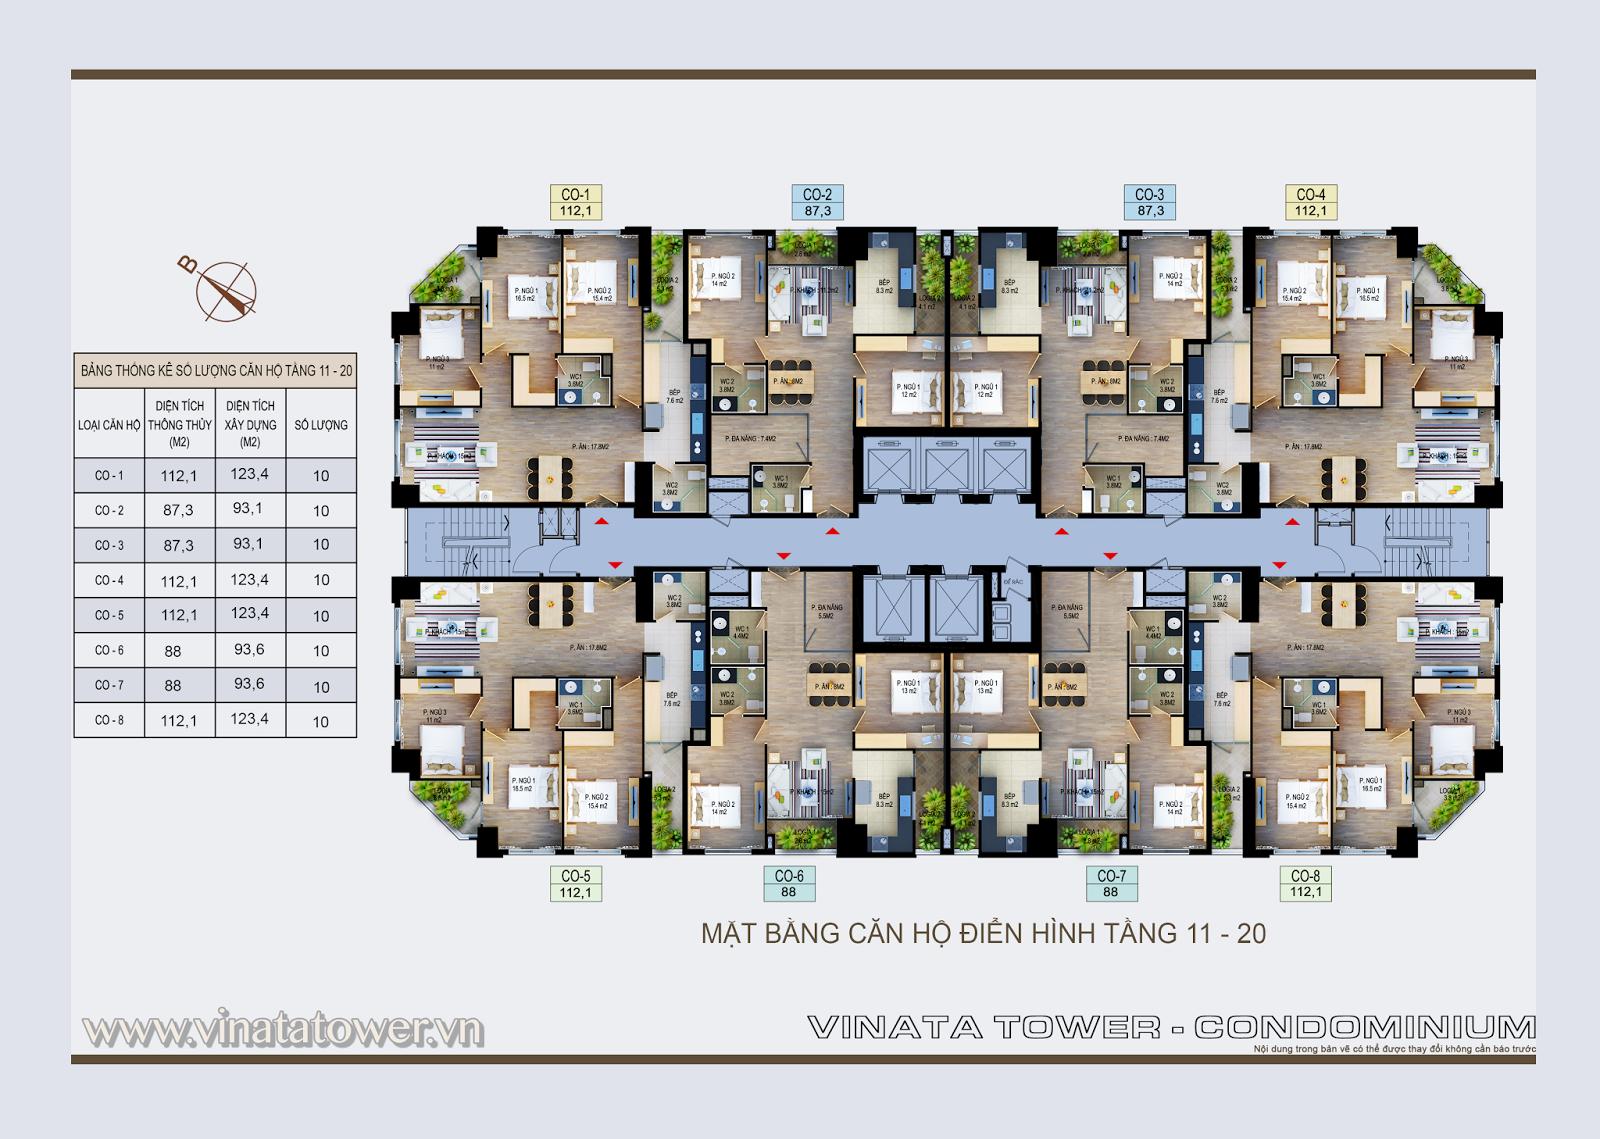 Mặt bằng điển hình tầng 11 - 20 chung cư vinata